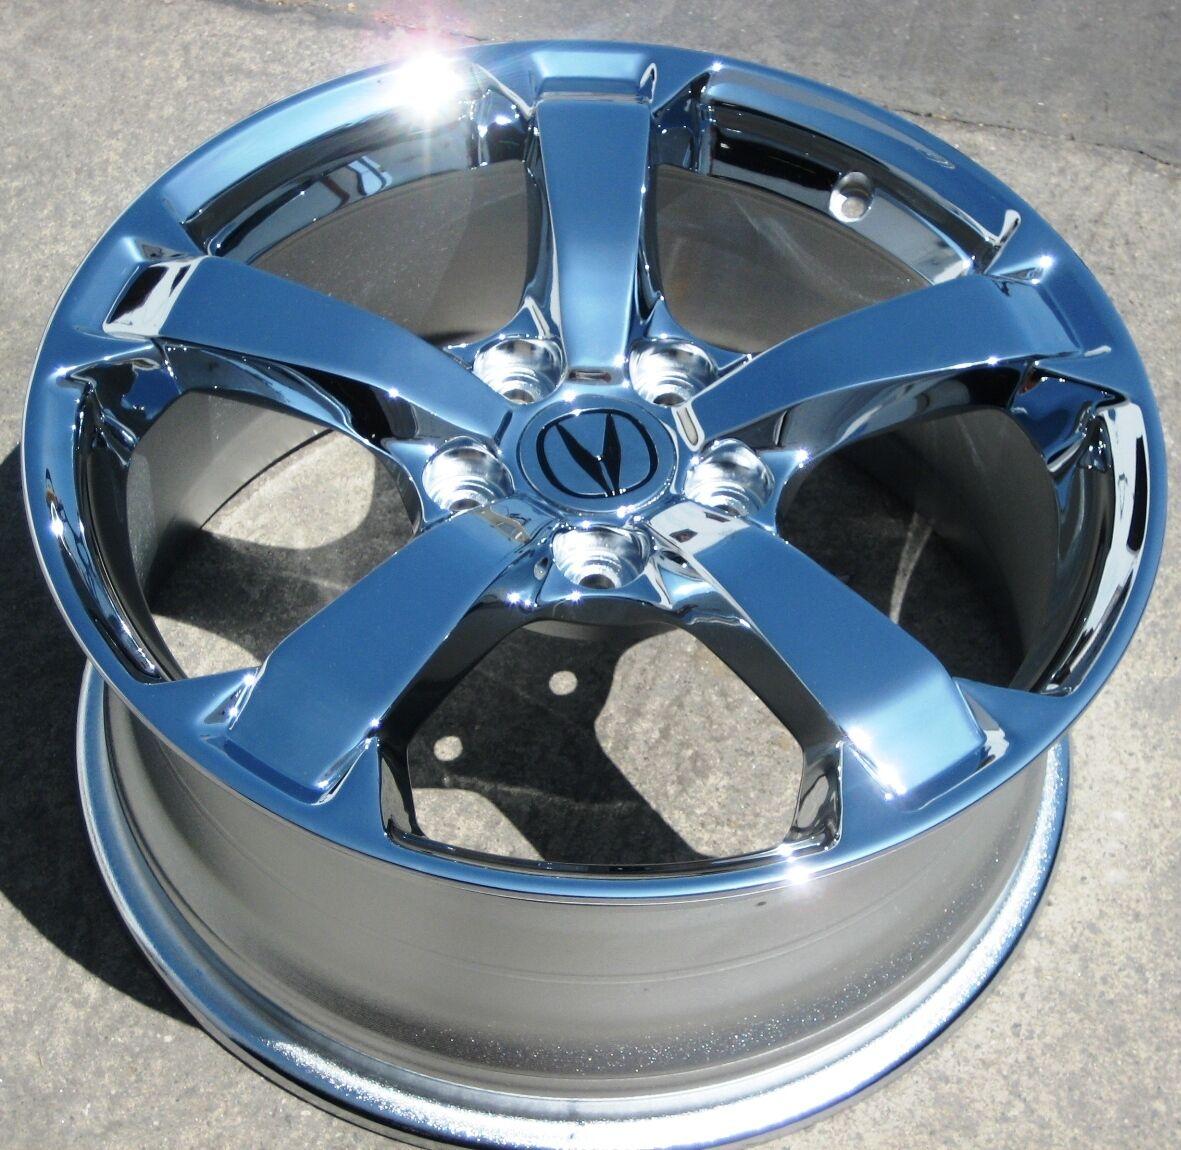 Stock 4 New 18 Factory Acura TL Chrome Wheels Rims 2009 2012